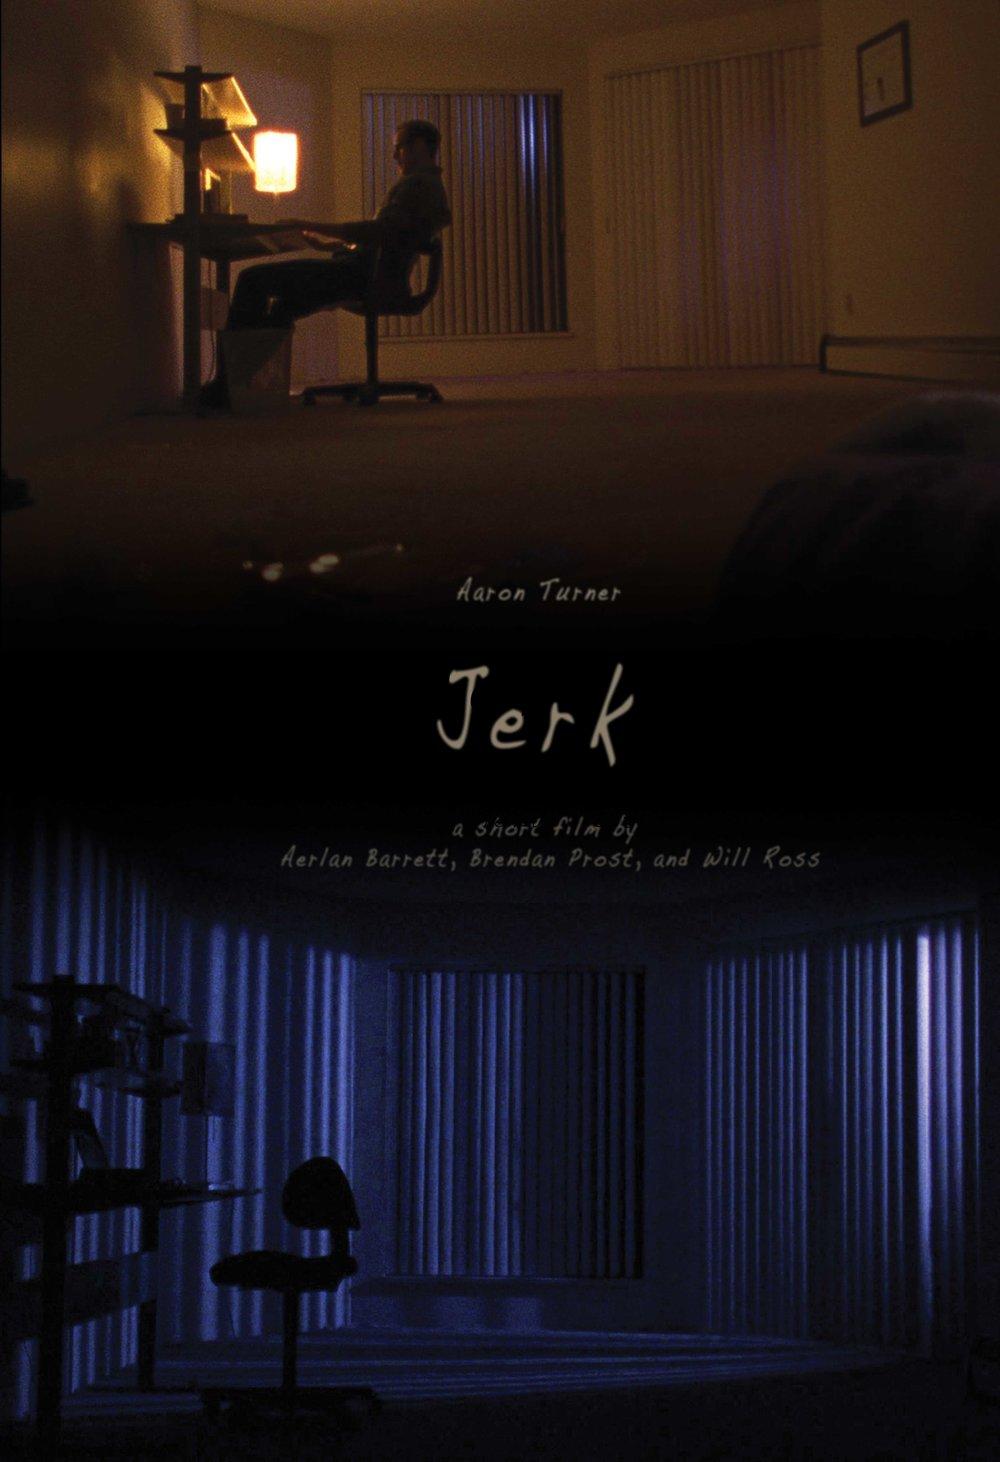 JERK - Short / 2012 / 19mins